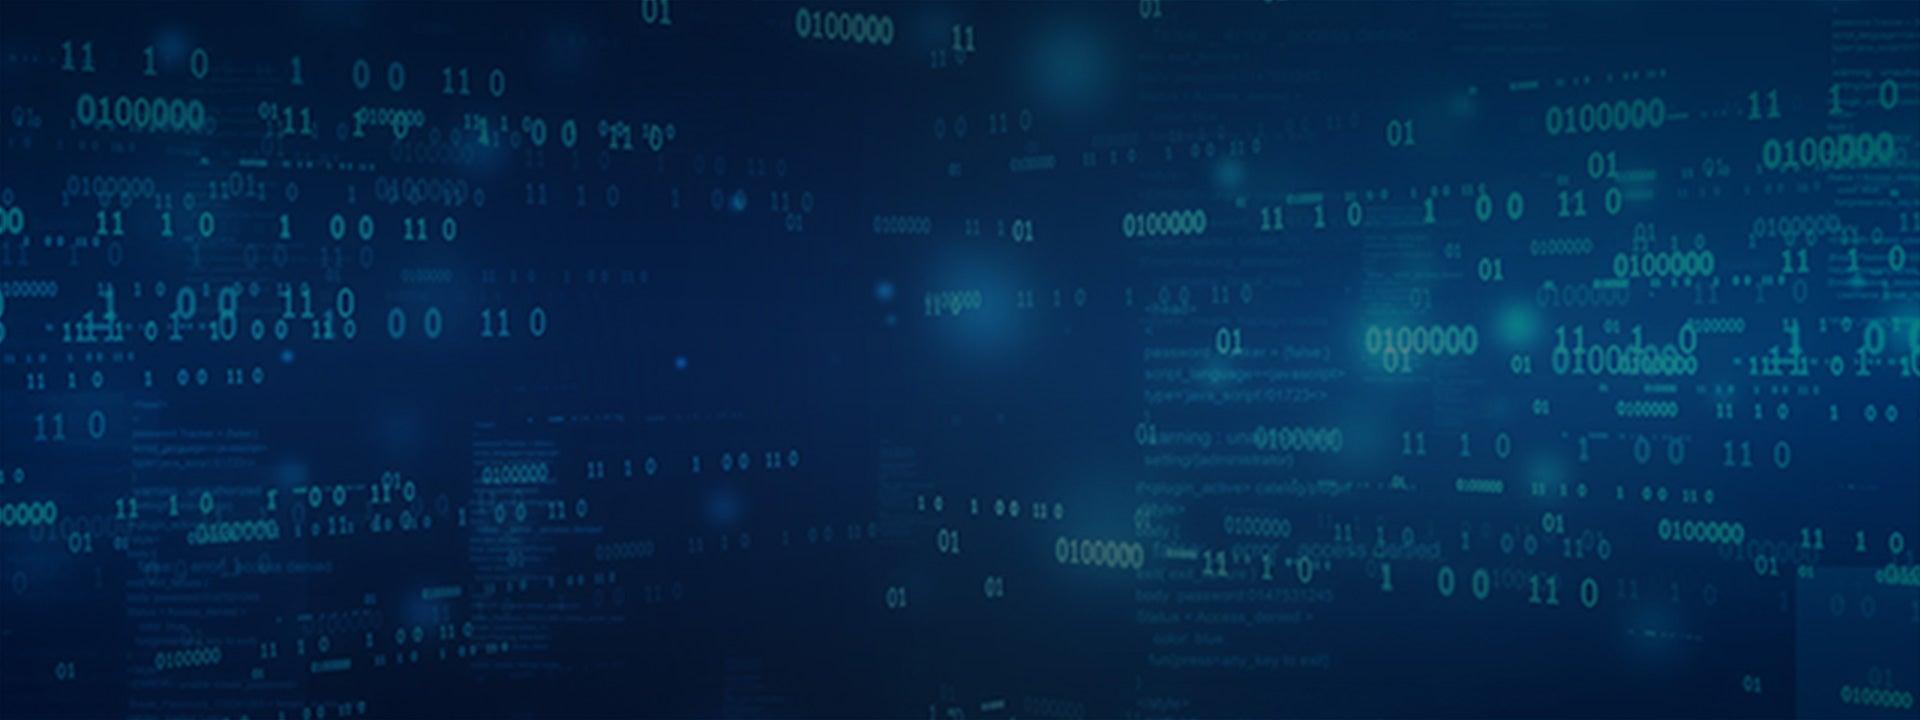 DataRobot AI in FInancial Markets Part 5 BG v.1.0